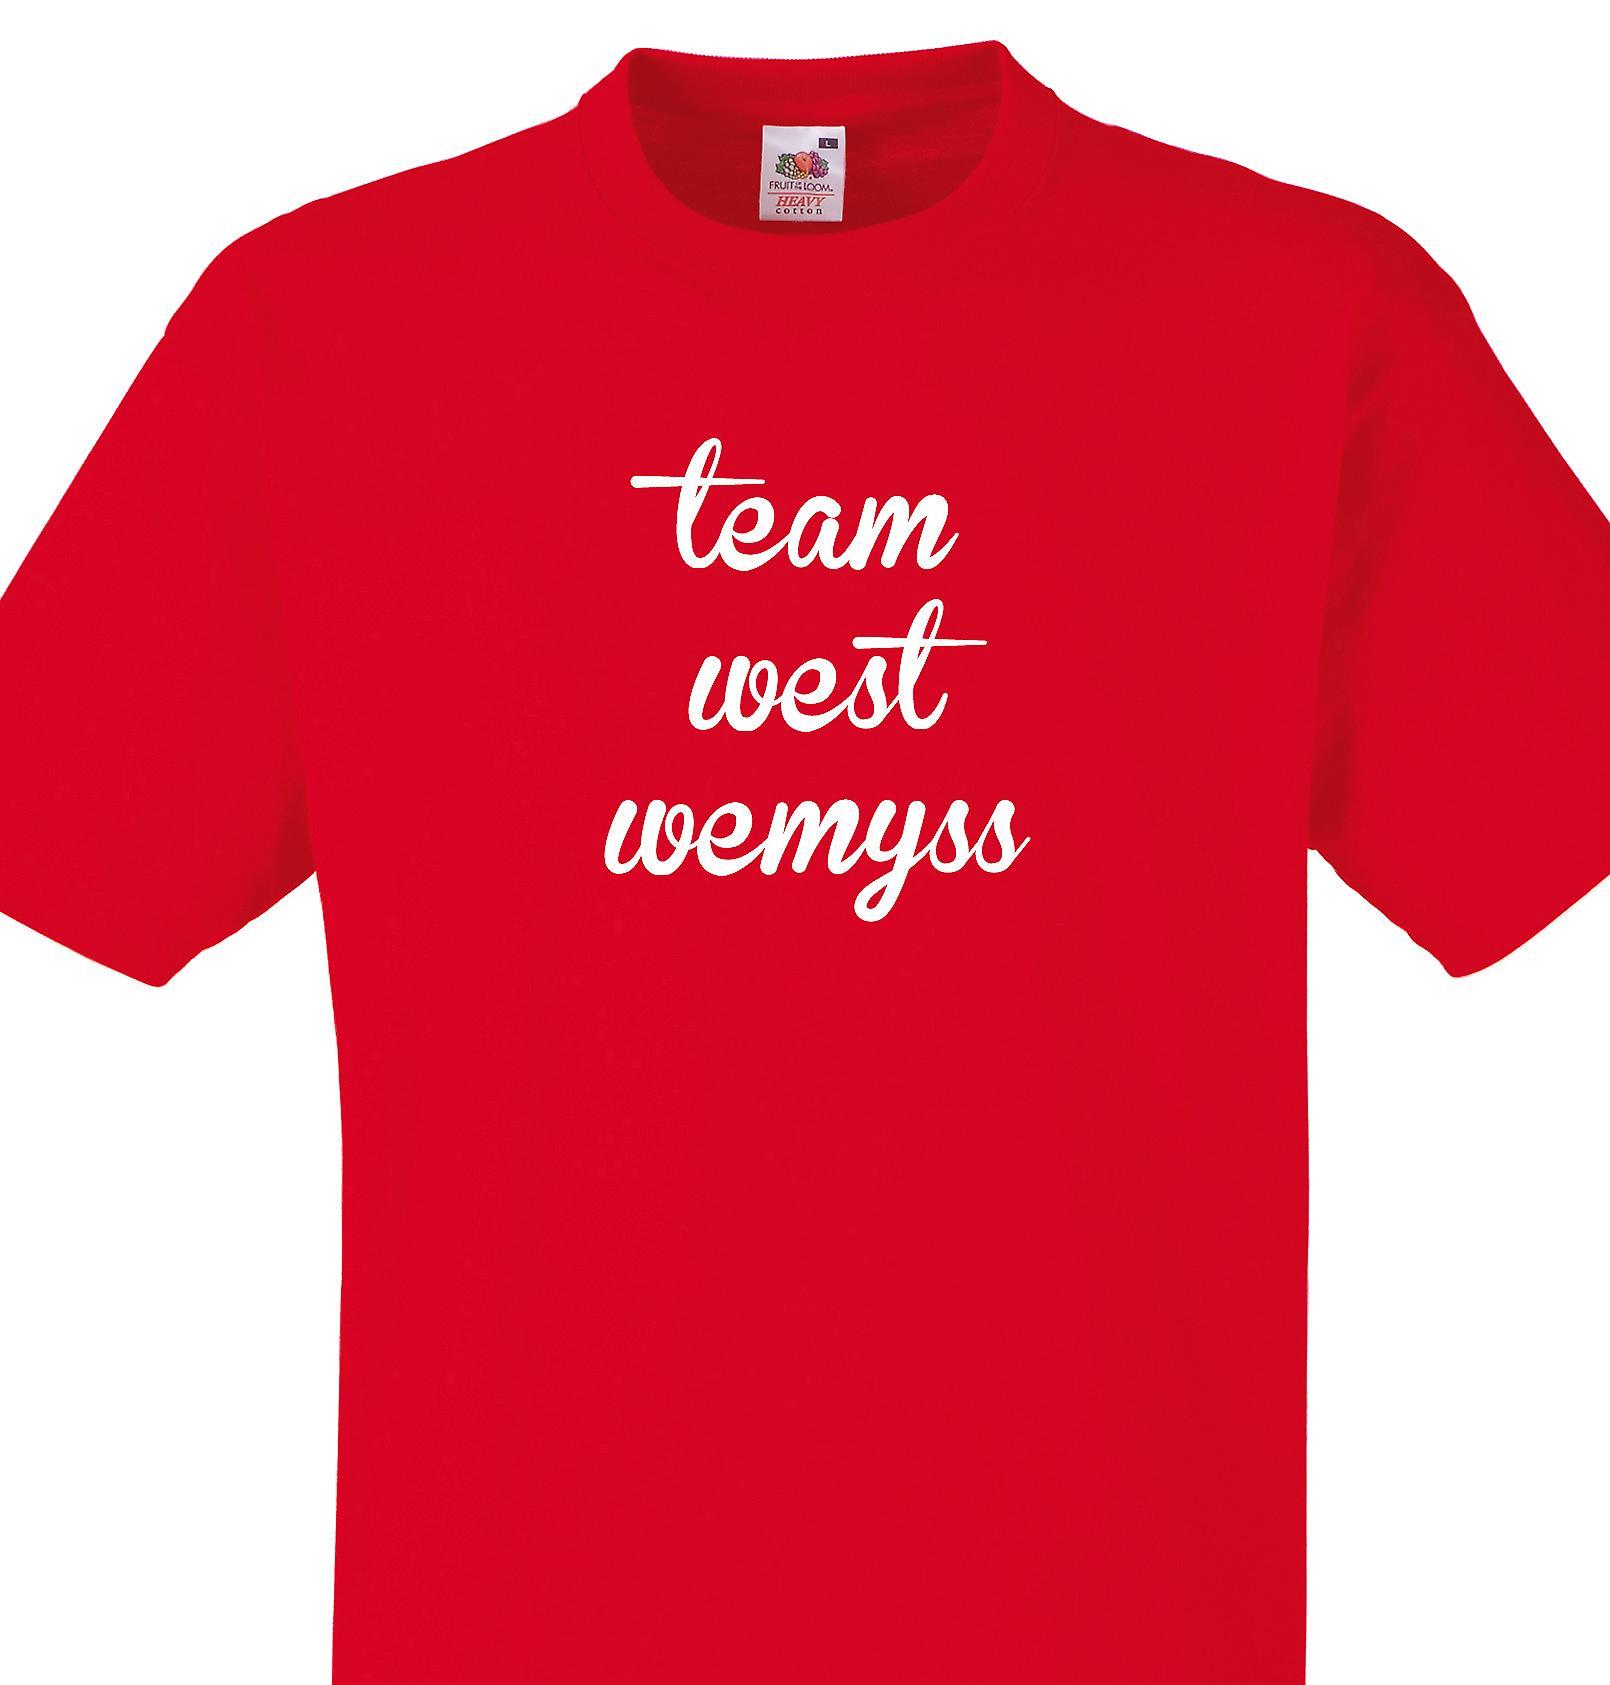 Team West wemyss Red T shirt